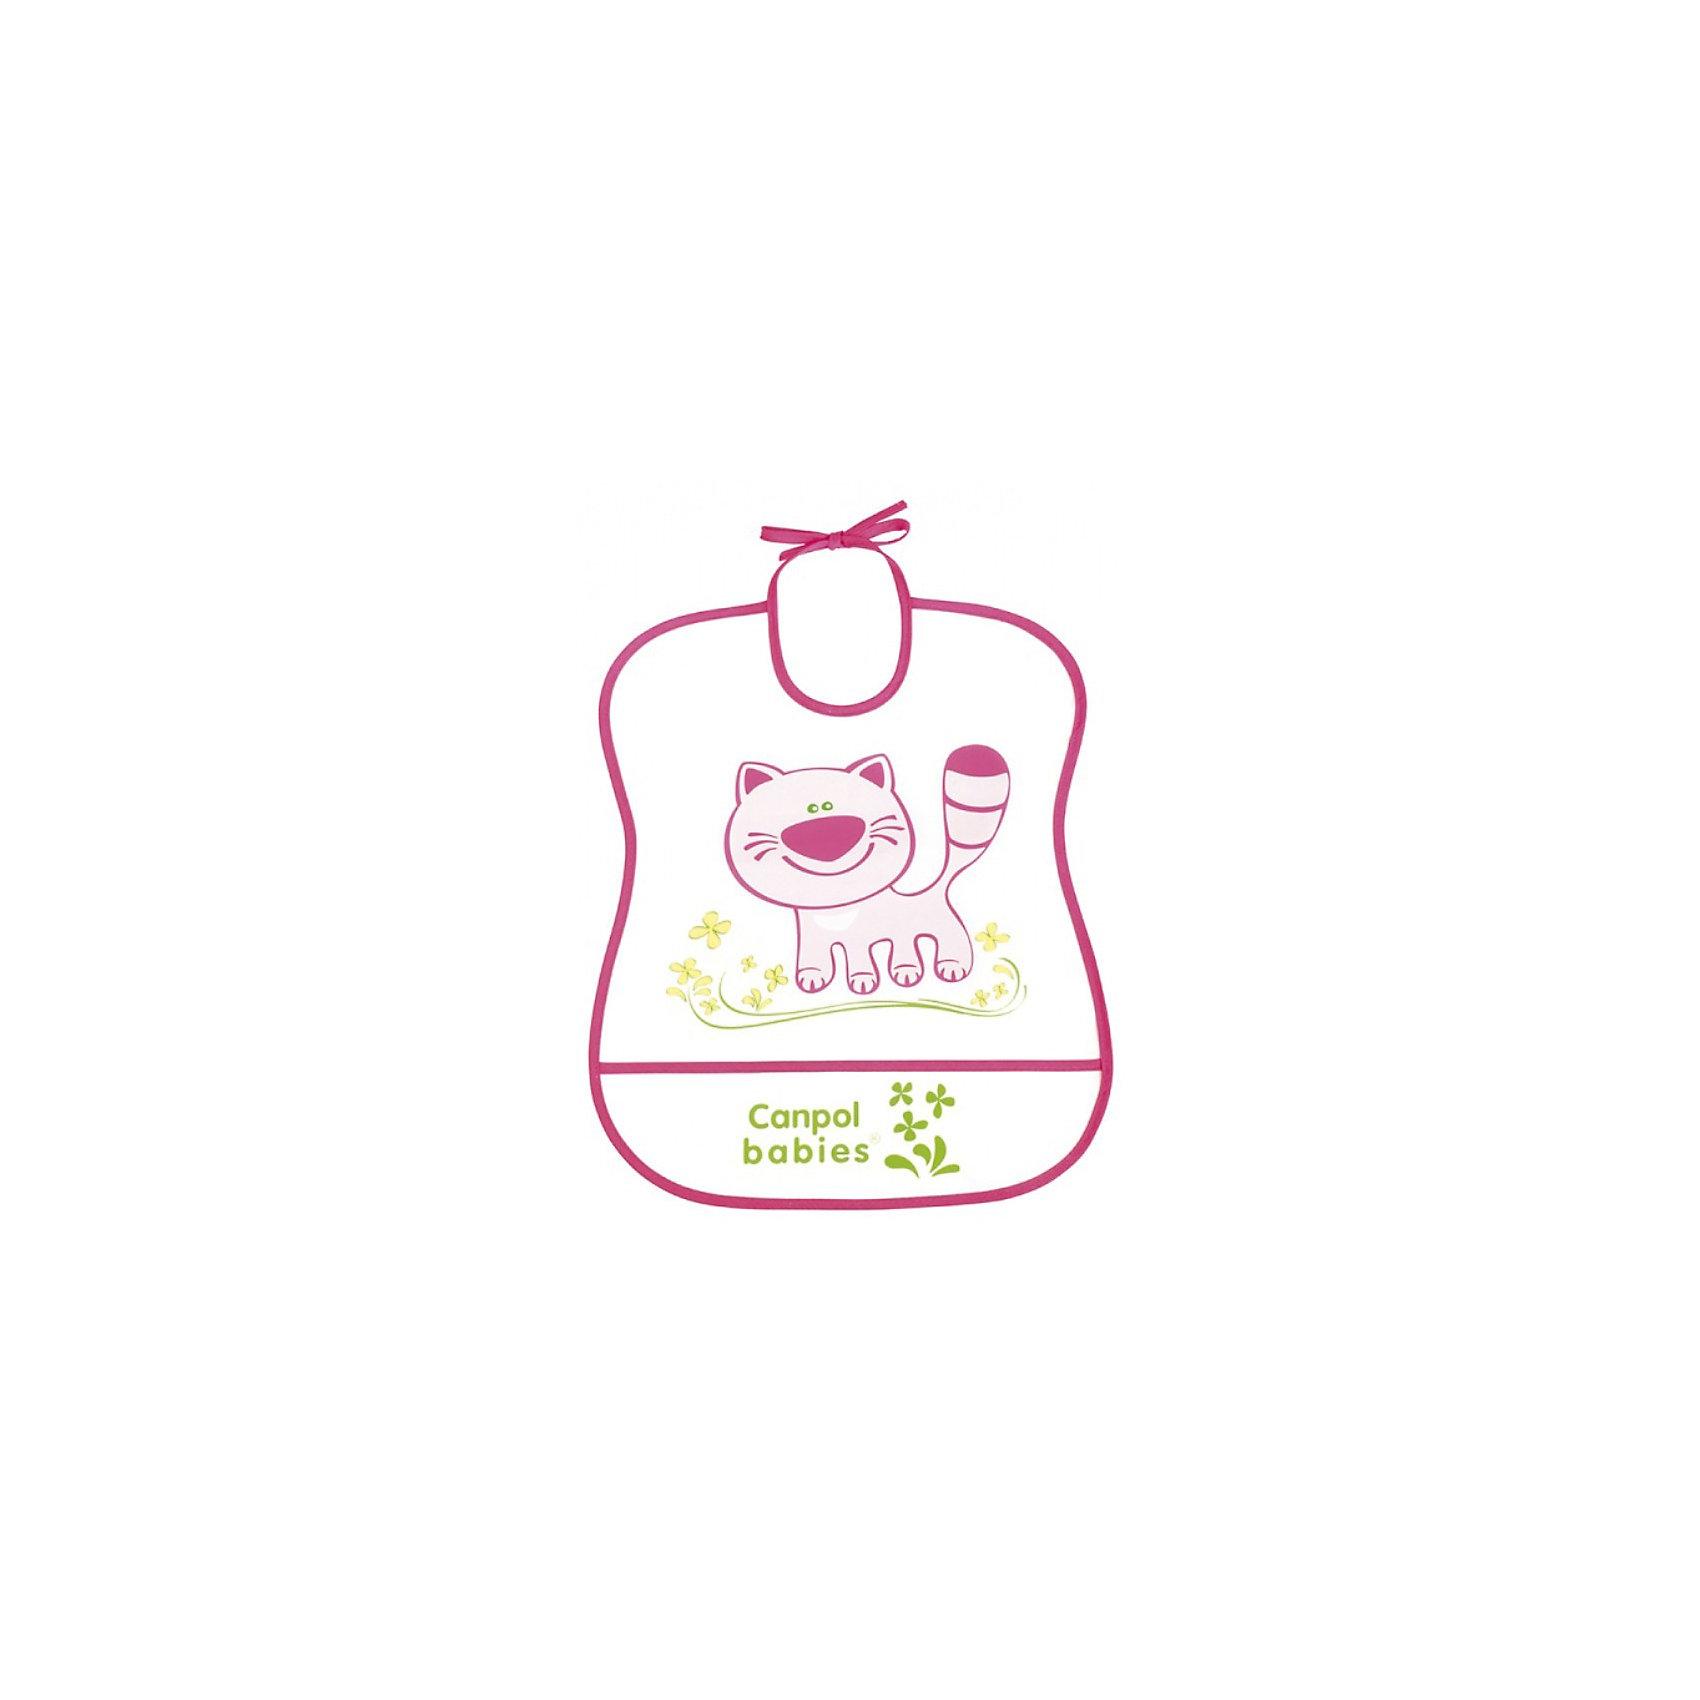 Пластмассовый мягкий нагрудник Котёнок, Canpol BabiesПластмассовый мягкий нагрудник от Canpol  Babies поможет защитить одежду ребенка во время кормления. Имеется карман, в который будут попадать упавшие кусочки пищи. Нагрудник легко моется горячей водой с мылом. <br>Дополнительная информация:<br>- Материал: ПЭВА пленка.<br>- Размер упаковки: 35,5 х 20 х 0,3 см.<br>- Вес: 31,7 гр.<br>Пластмассовый мягкий нагрудник, Canpol Babies можно купить в нашем интернет-магазине.<br><br>Ширина мм: 355<br>Глубина мм: 200<br>Высота мм: 3<br>Вес г: 32<br>Возраст от месяцев: 0<br>Возраст до месяцев: 36<br>Пол: Женский<br>Возраст: Детский<br>SKU: 3893862